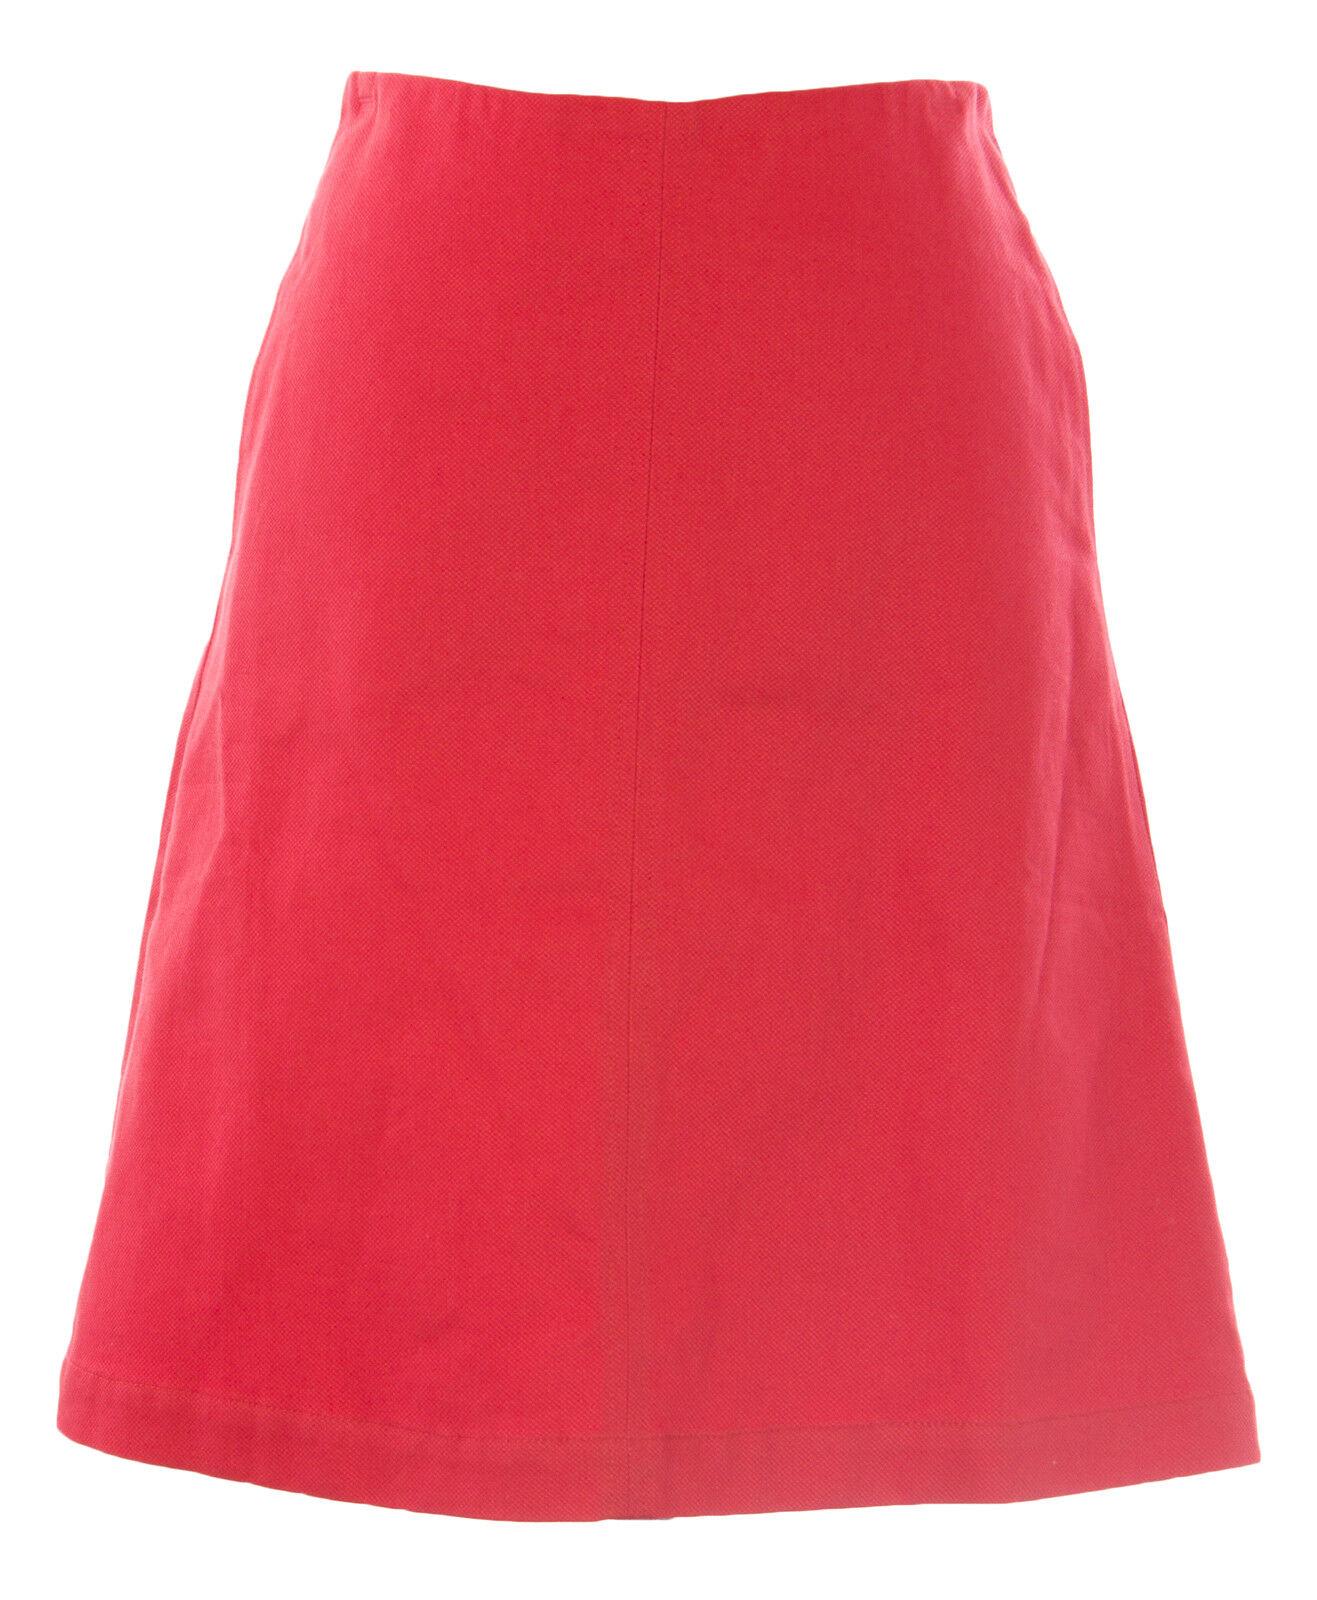 BODEN Women's Deep Carmine Lena Skirt WG528 US Sz 2R  88 NWOT